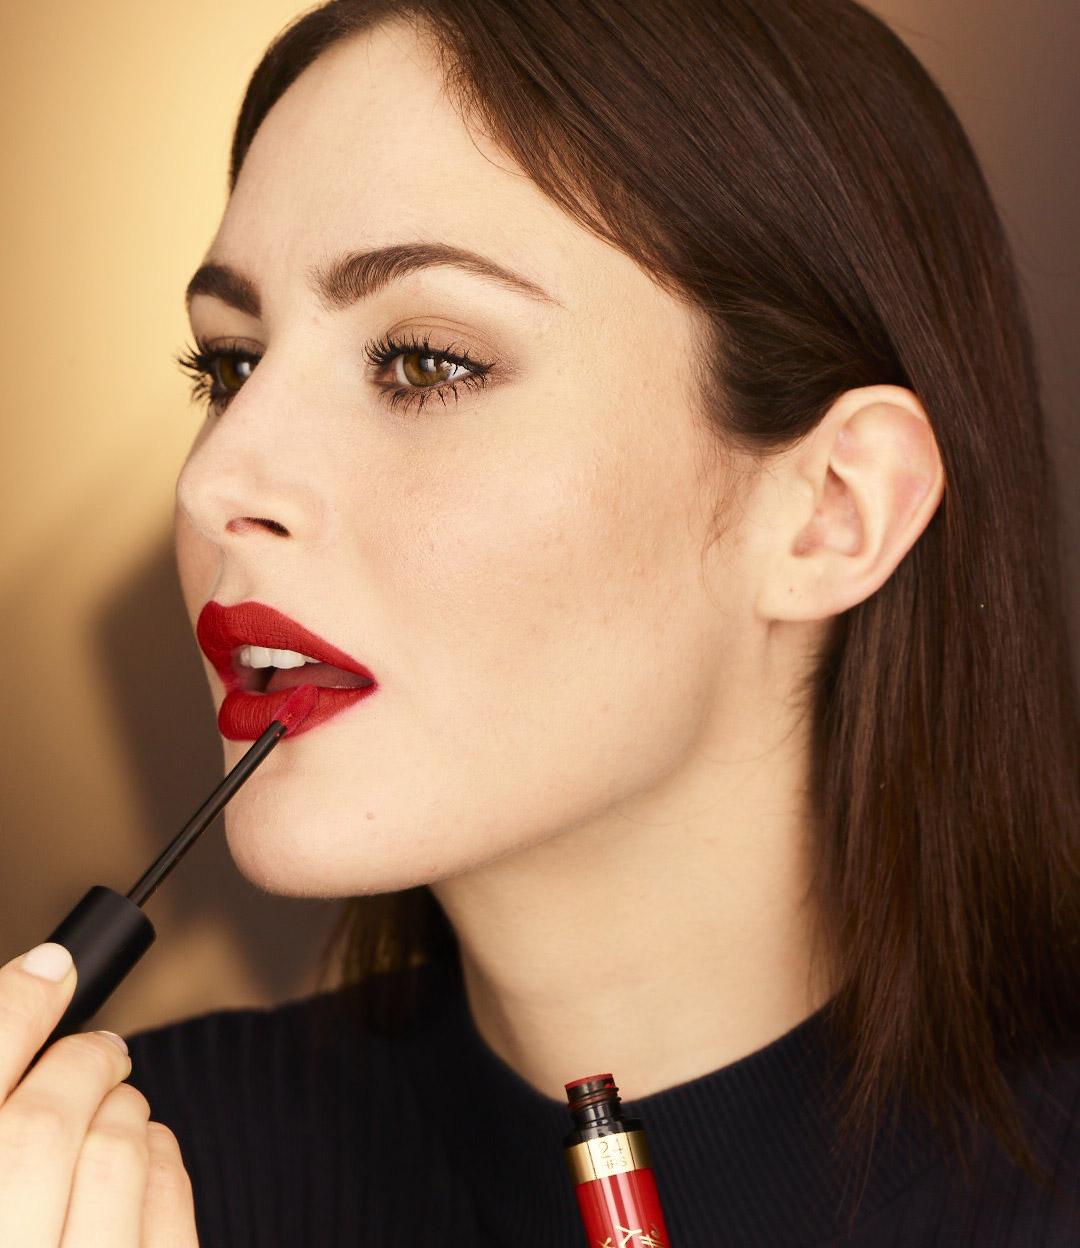 Max Factor Lipfinity Velvet Matte Lipstick